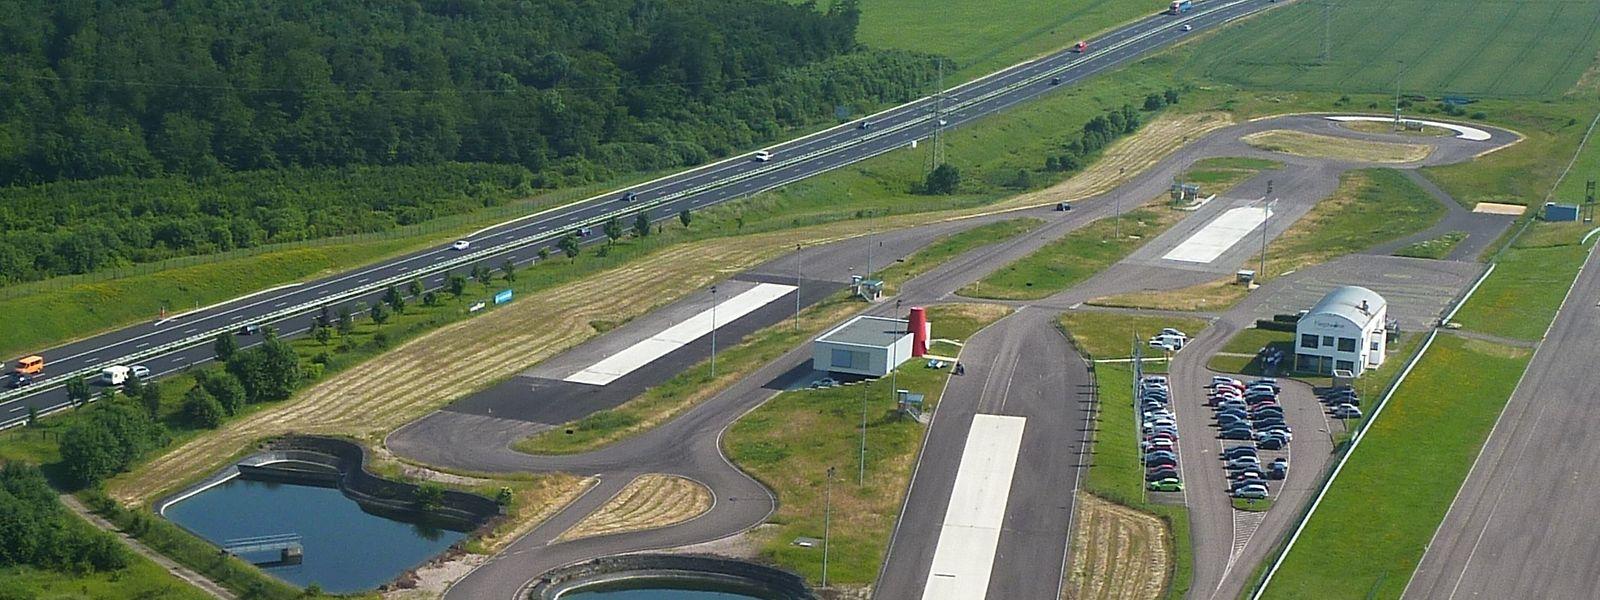 Das Centre de formation pour conducteurs in Colmar-Berg.